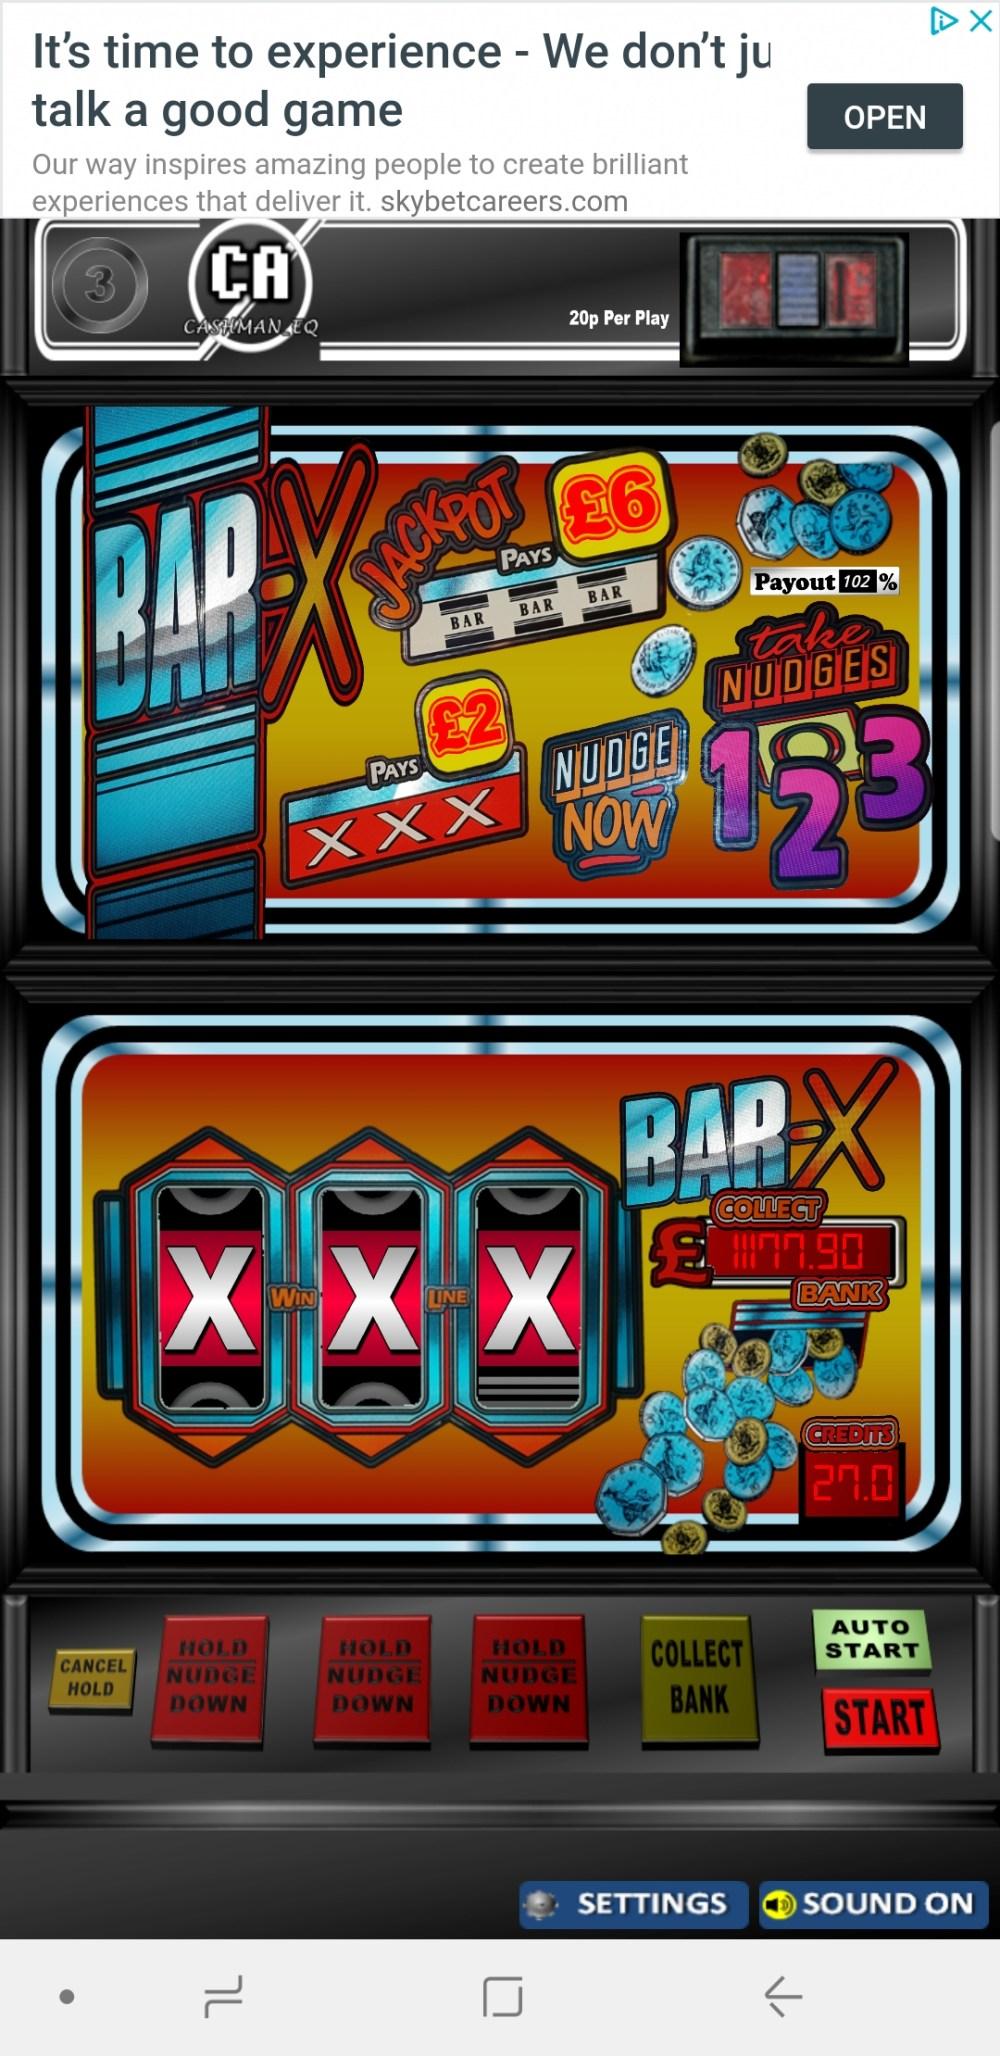 Classic Bar X in classic 1985 cabinet